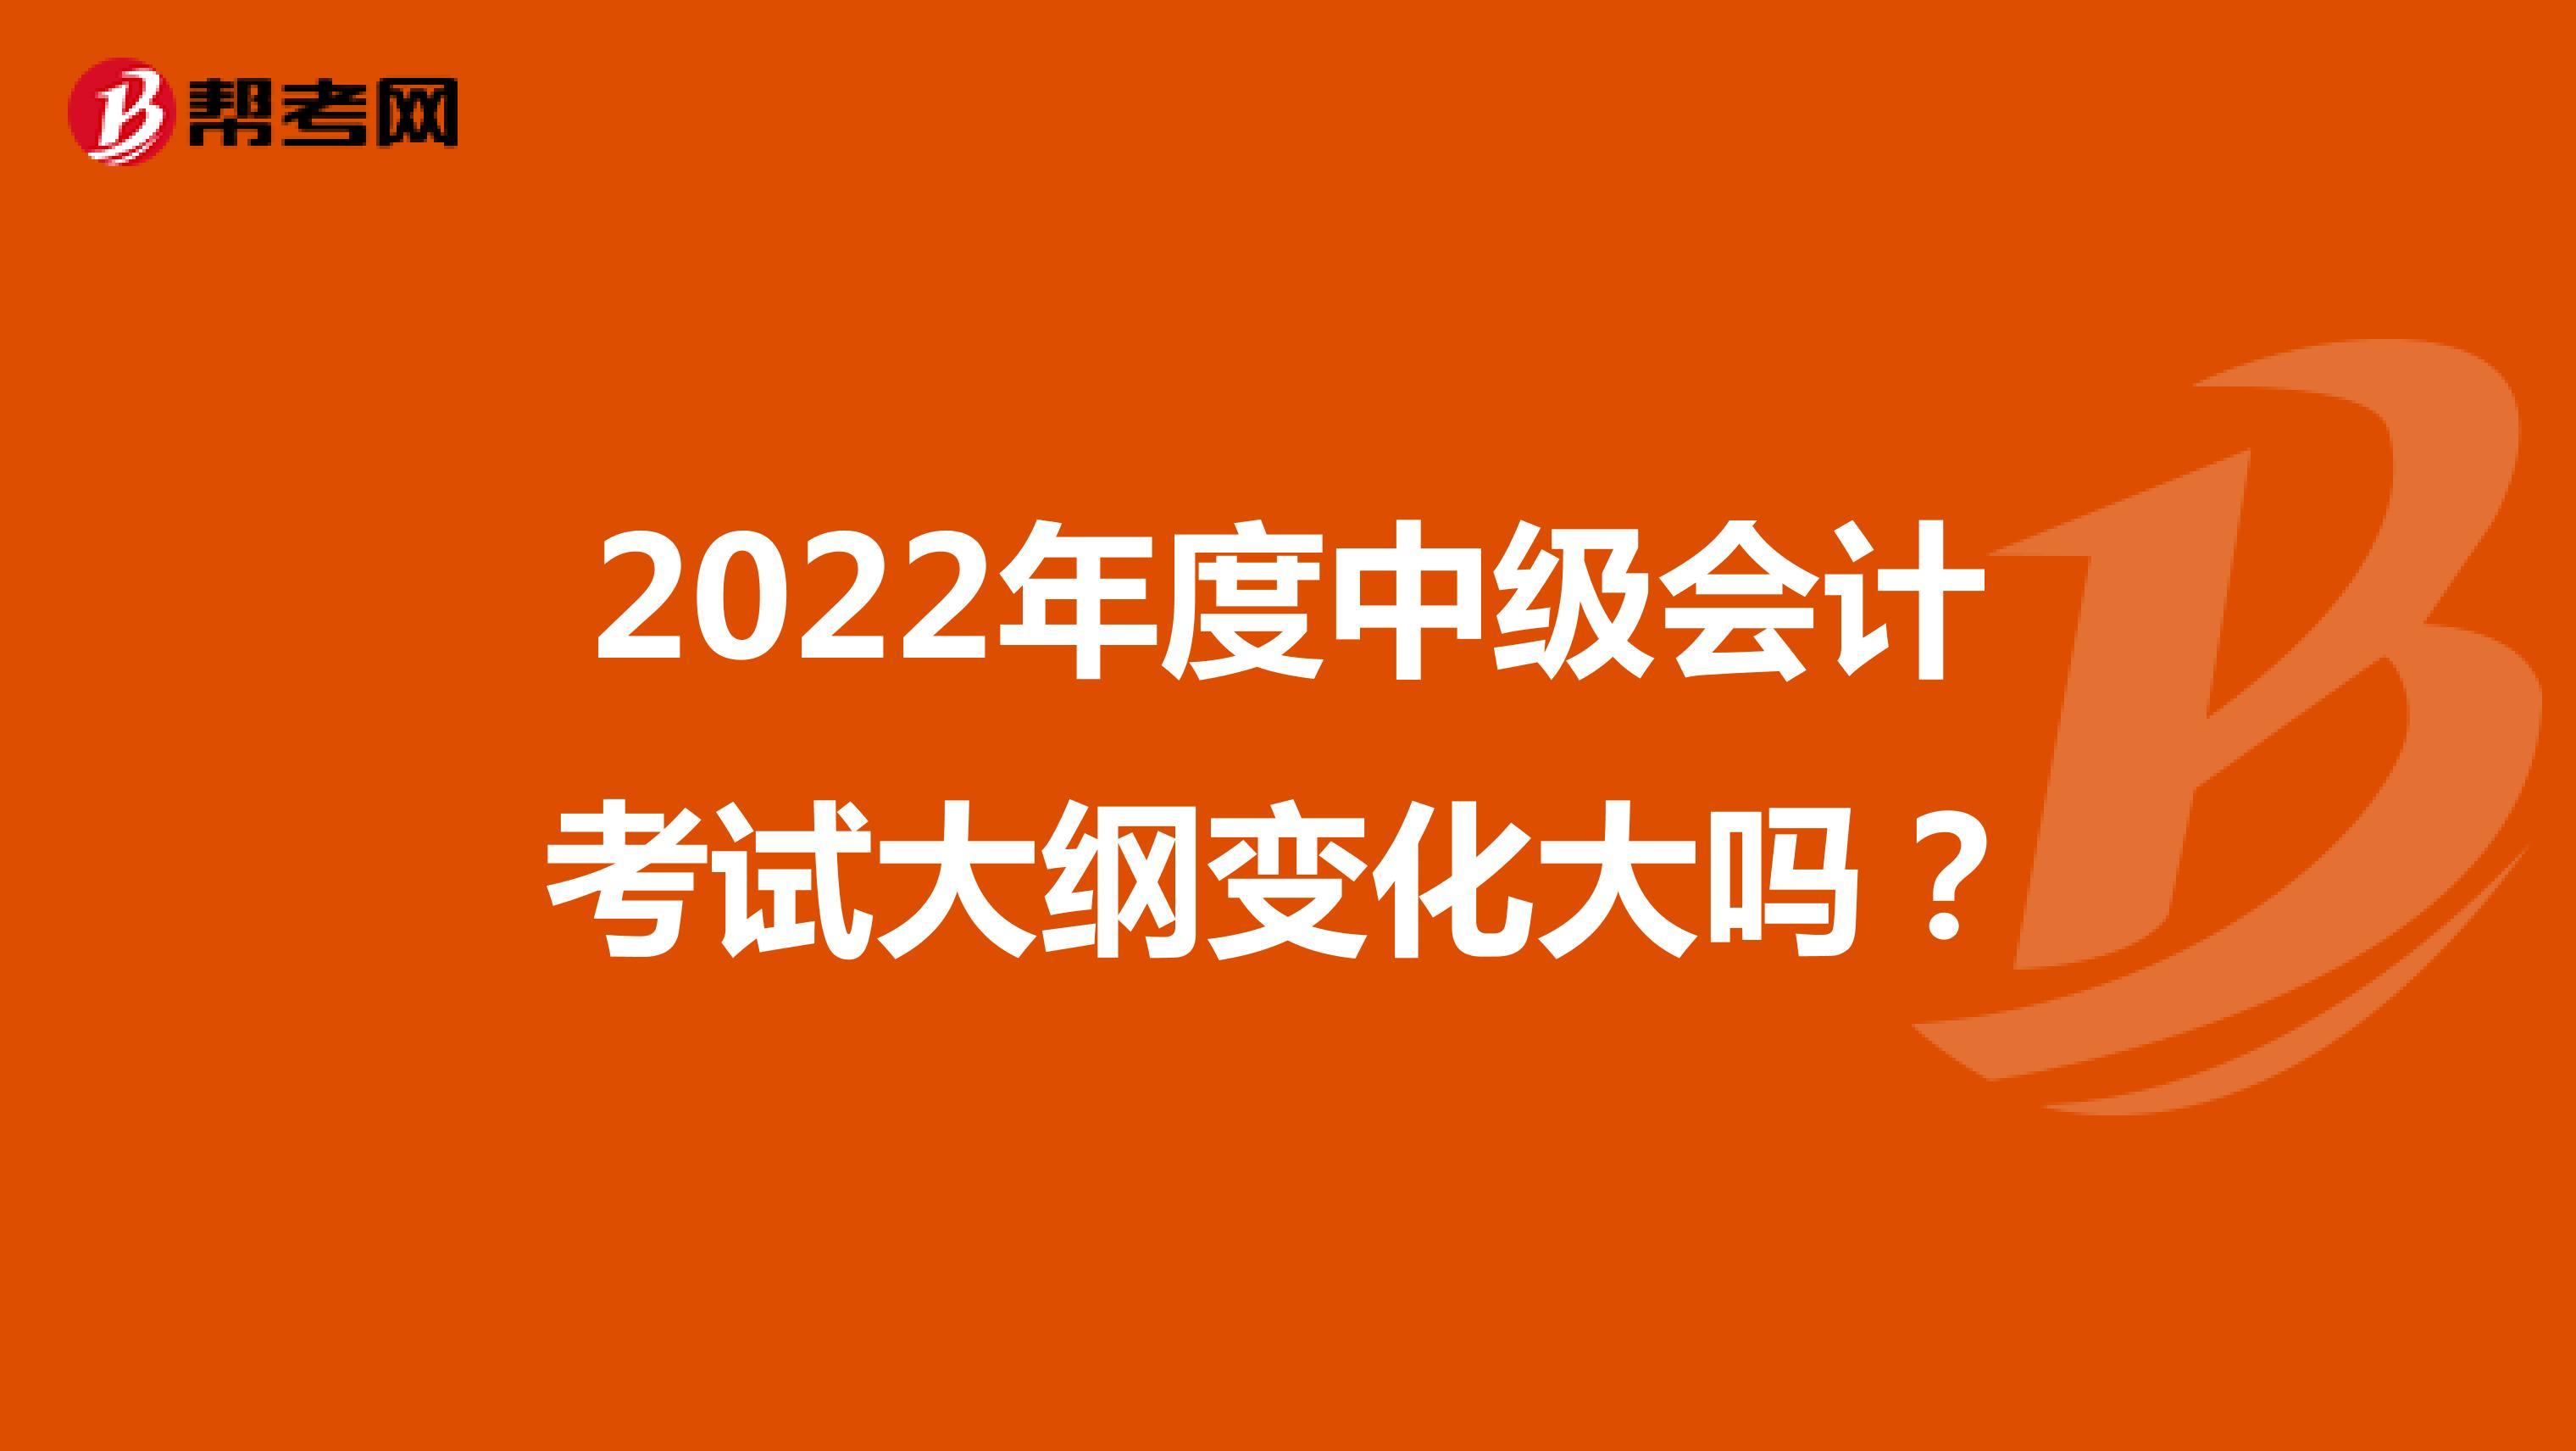 2022年度中级会计考试大纲变化大吗?